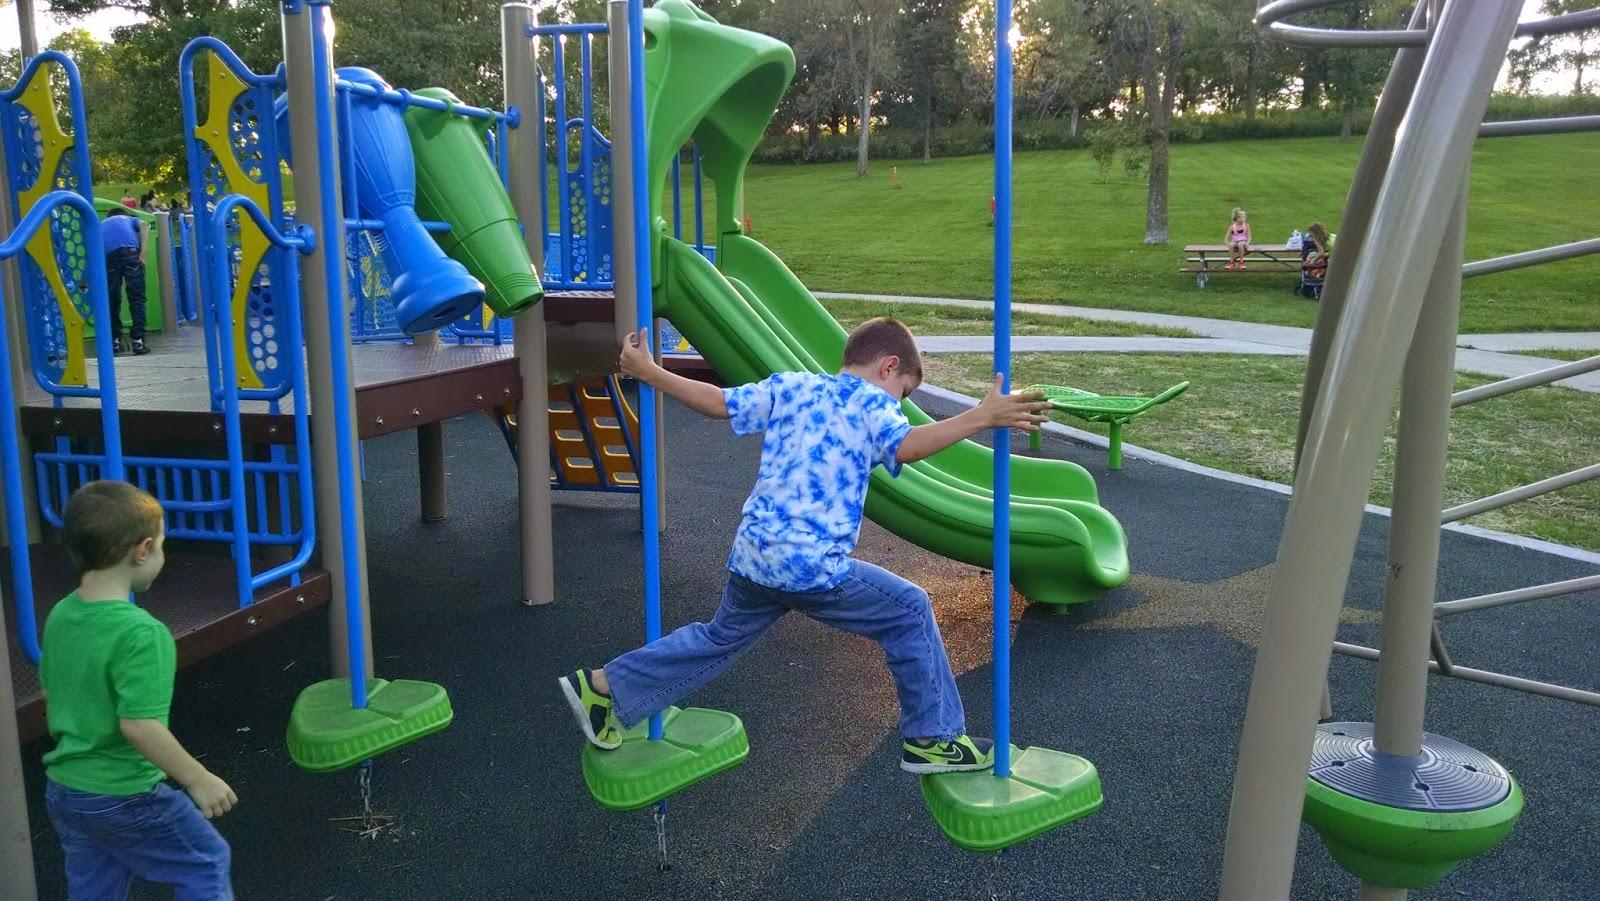 kidspert tour of parks